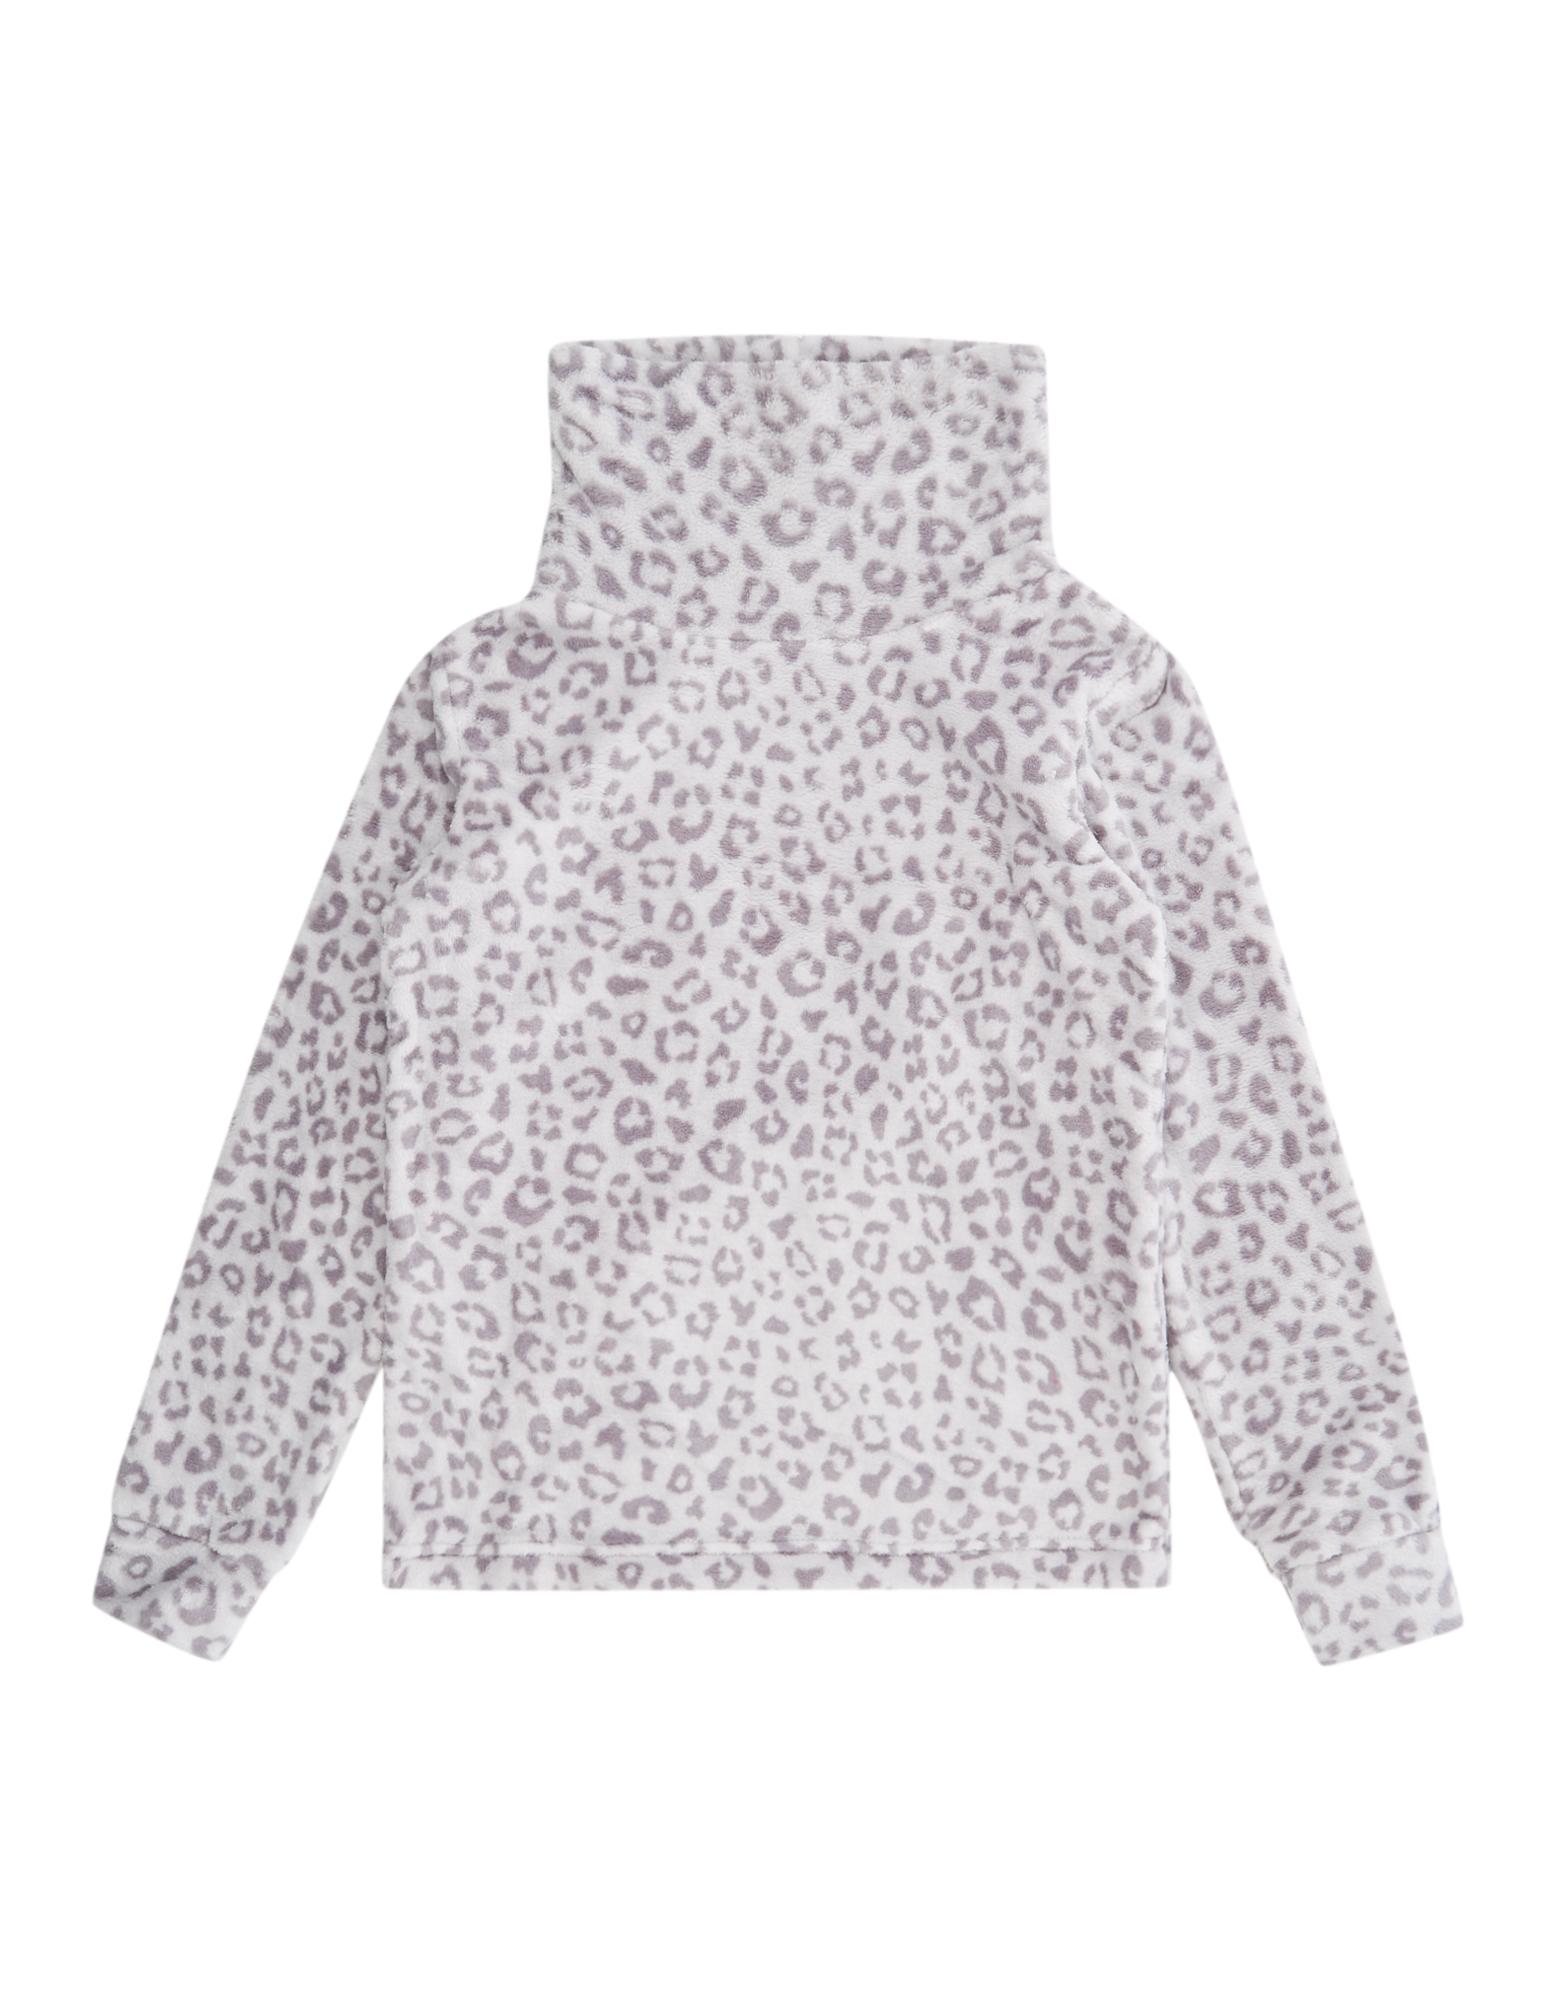 Mädchen Sweatshirt mit Tube Collar leopard | 81540631250306